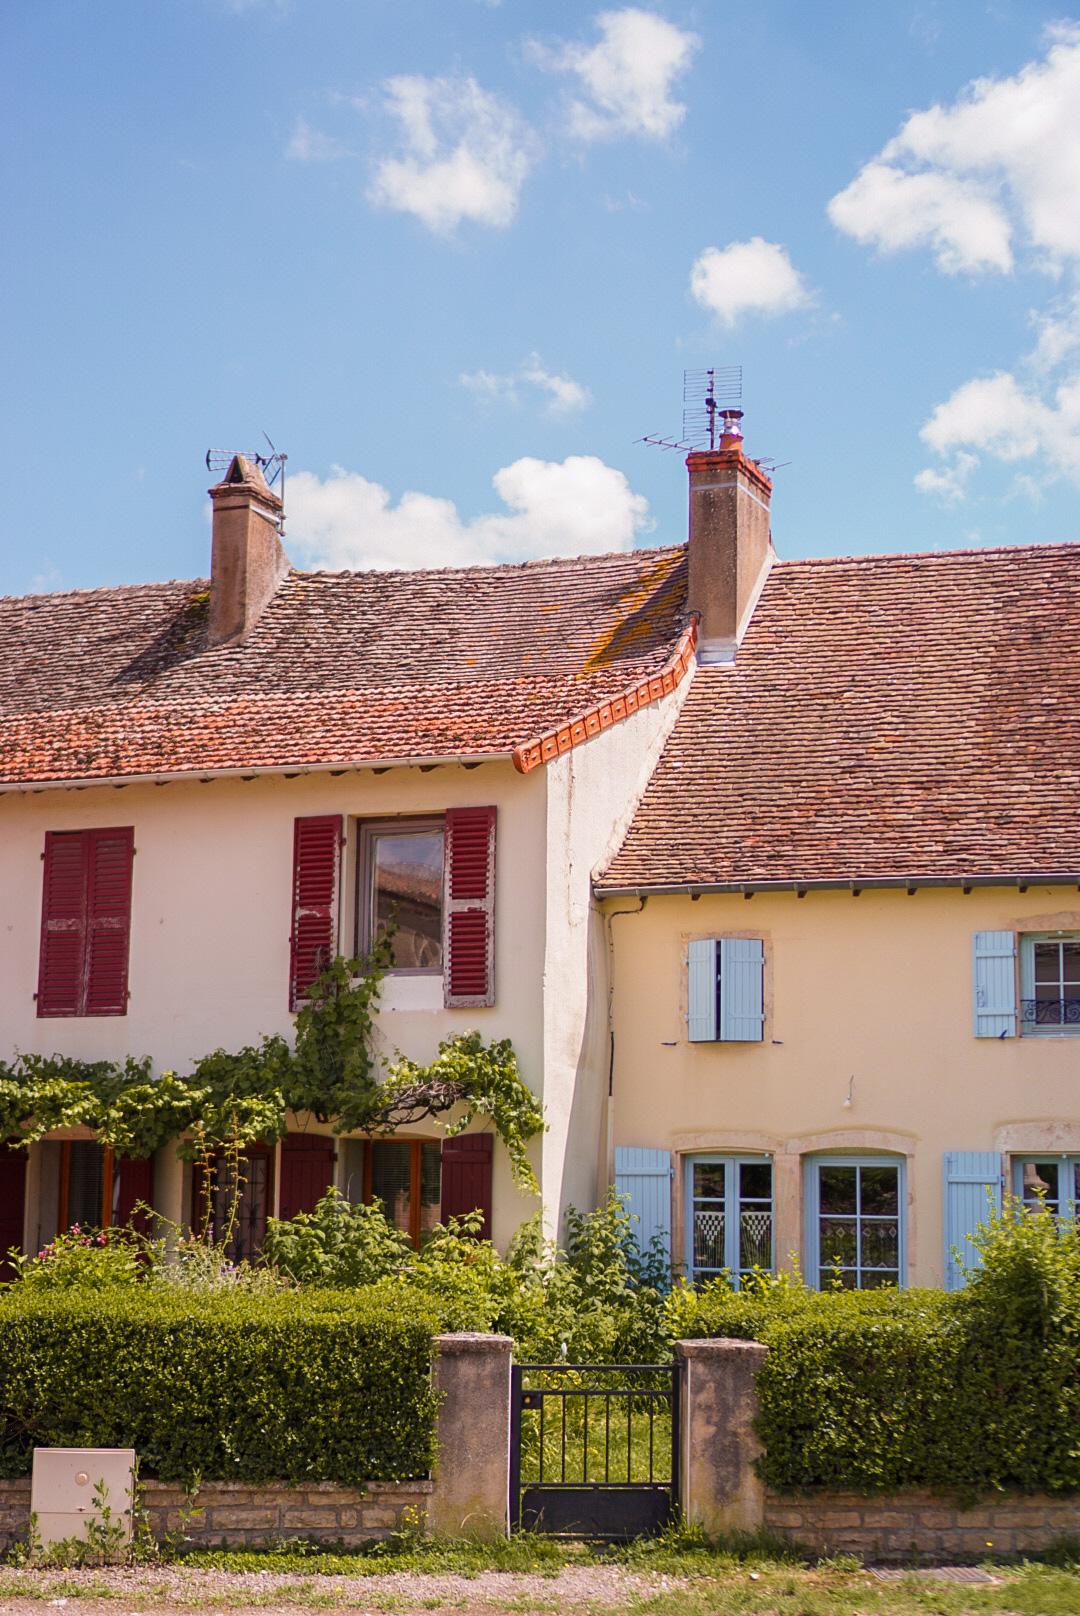 dorp Bourgondië